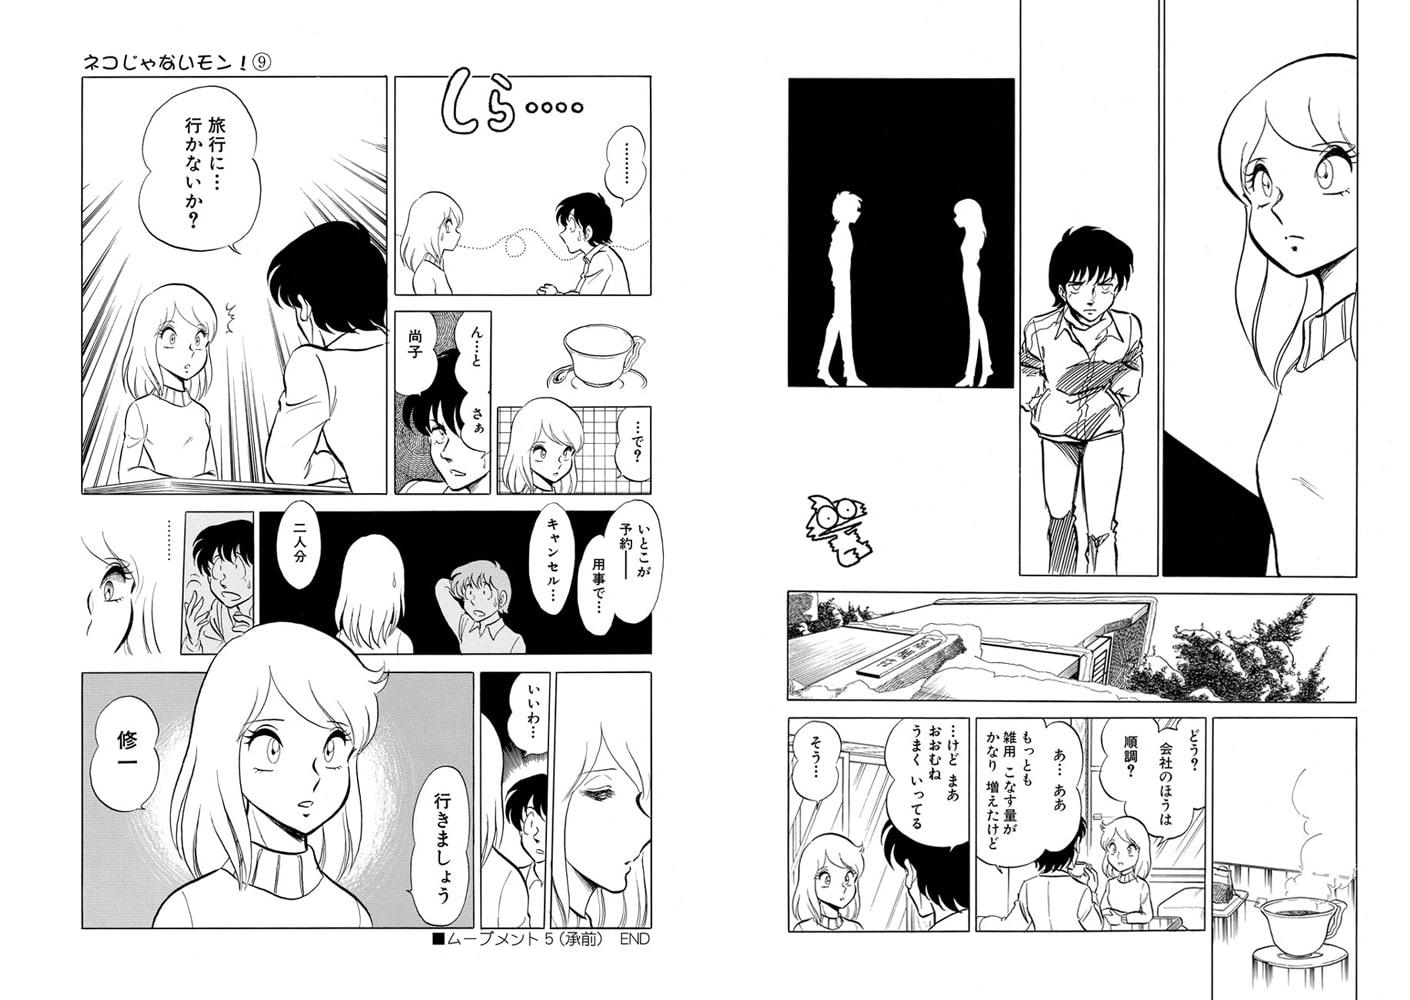 ネコじゃないモン! (9)